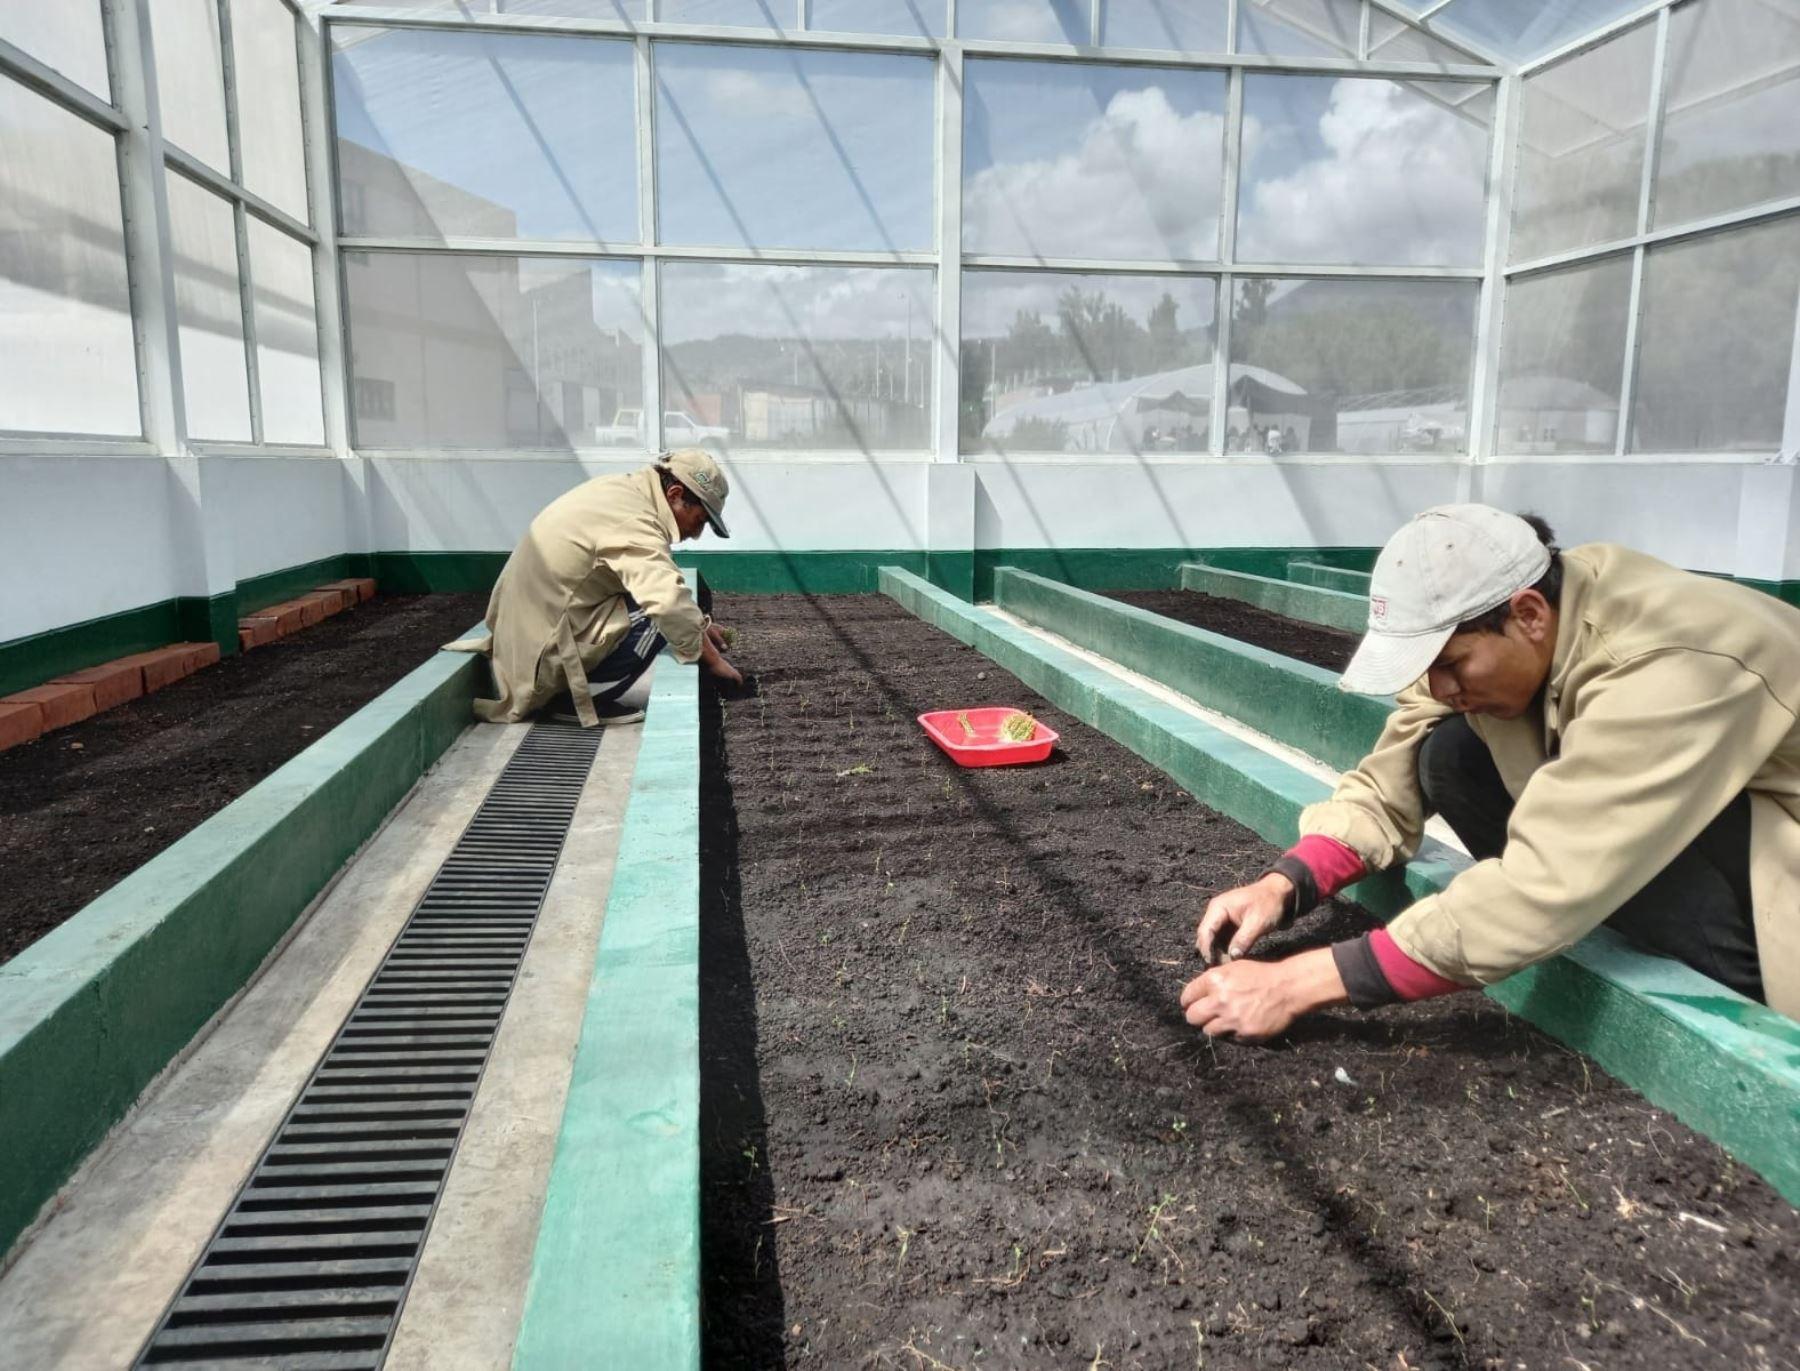 El nuevo laboratorio de cultivos de tejido e invernaderos que implementó el INIA en Ayacucho ha producido 14,000 plántulas de diversas variedades de papa certificada. ANDINA/Difusión